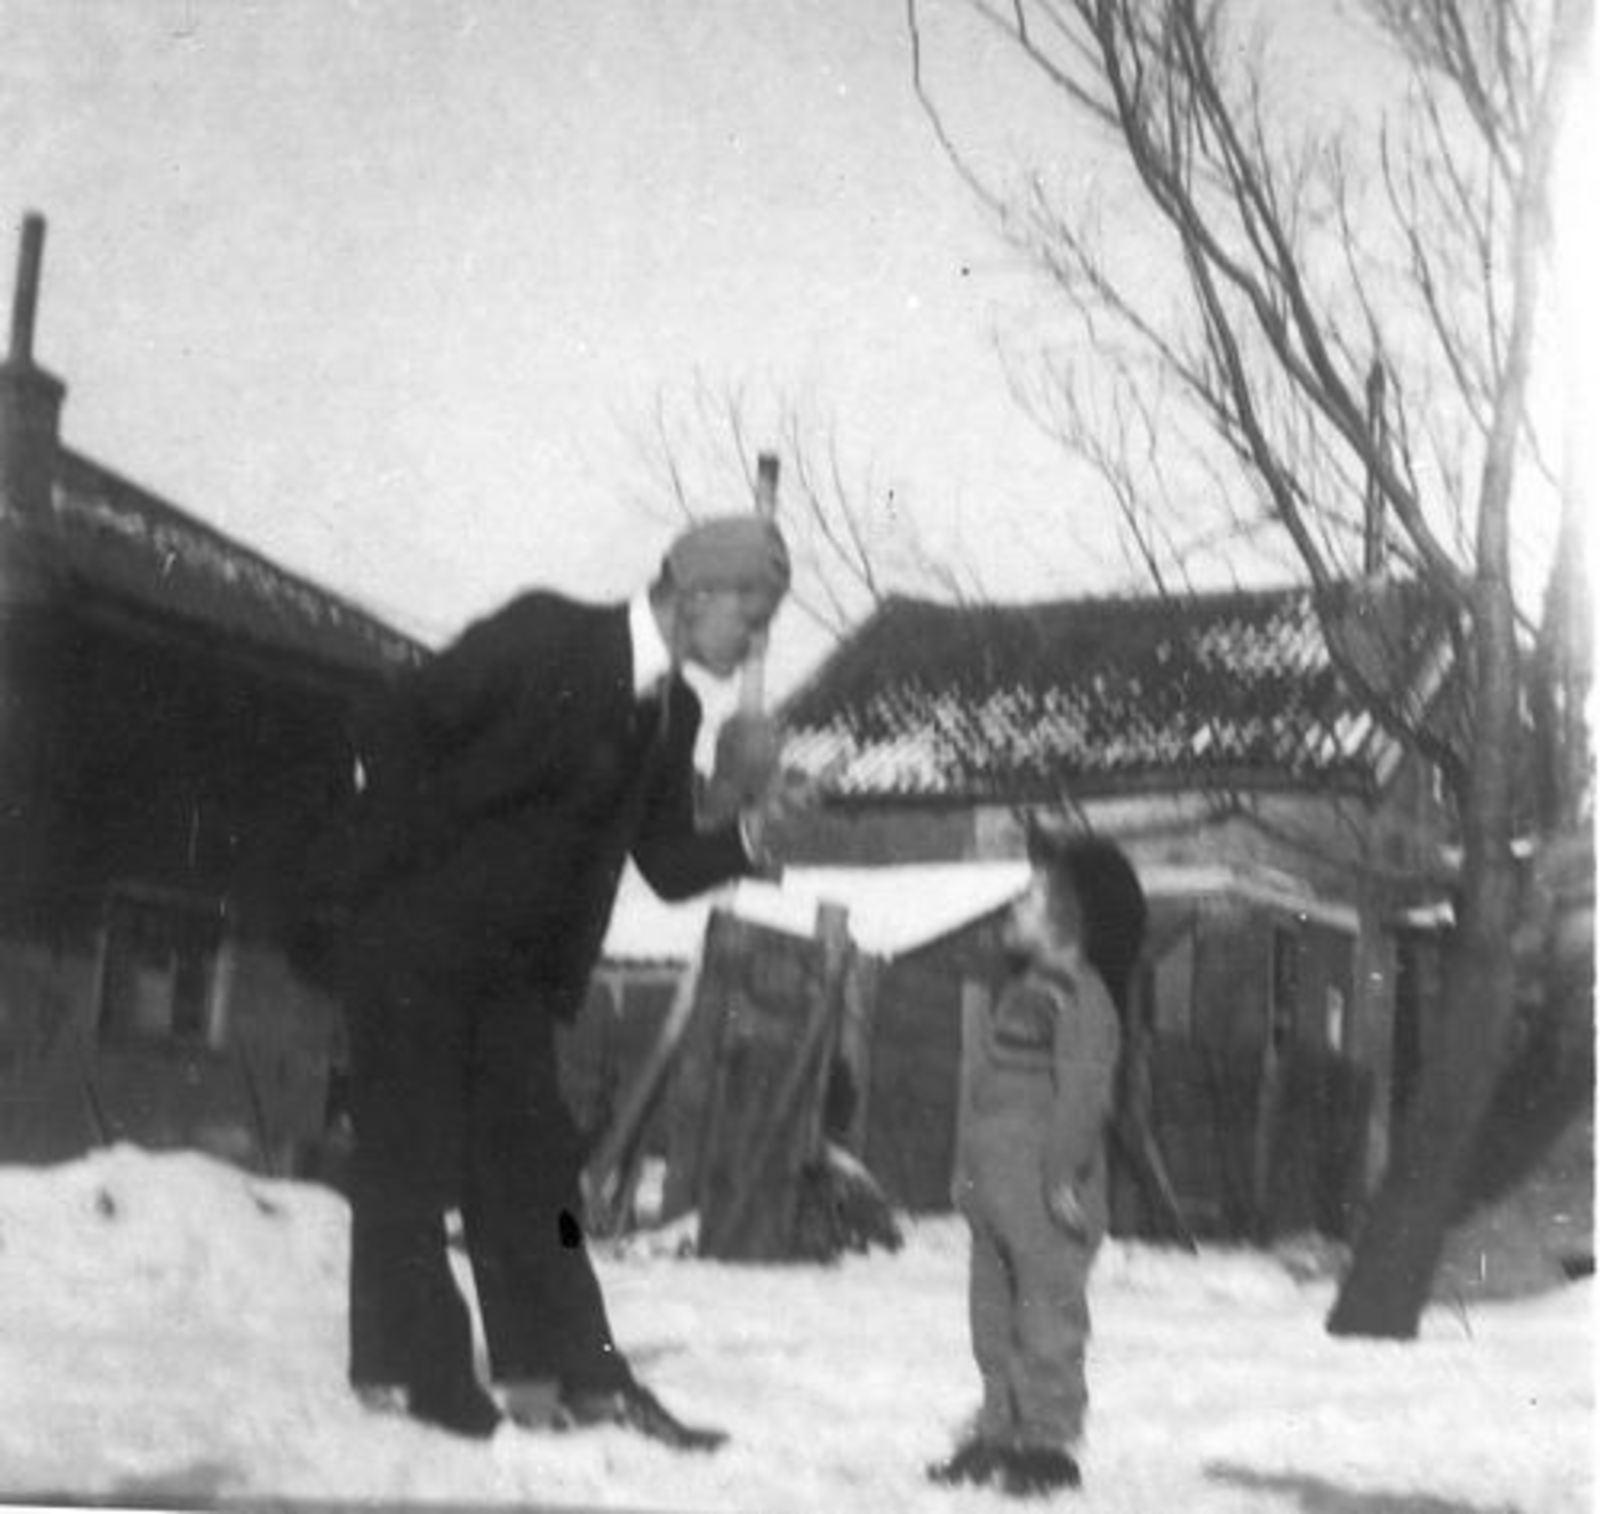 Raadhuislaan 0017± 1947 met Gezin Jan Tulen in de Sneeuw 03